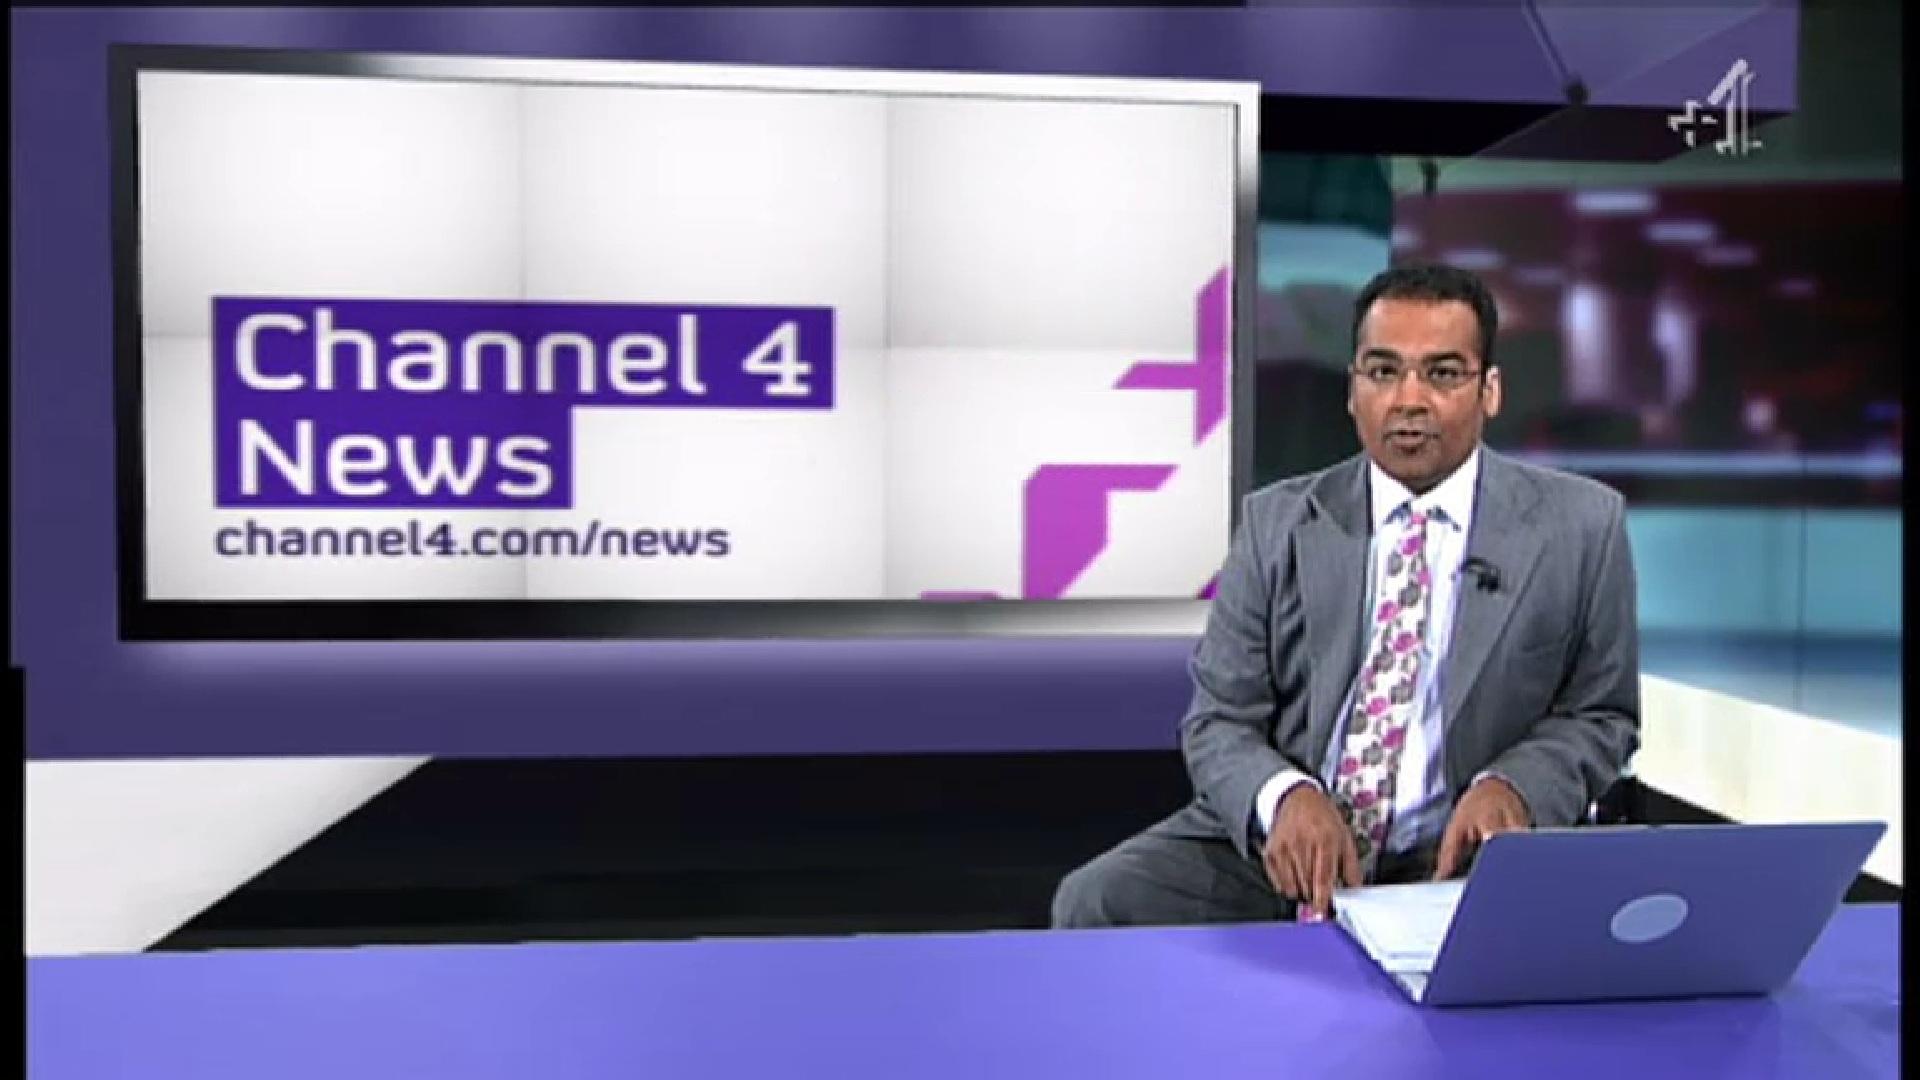 News News: Channel 4 News